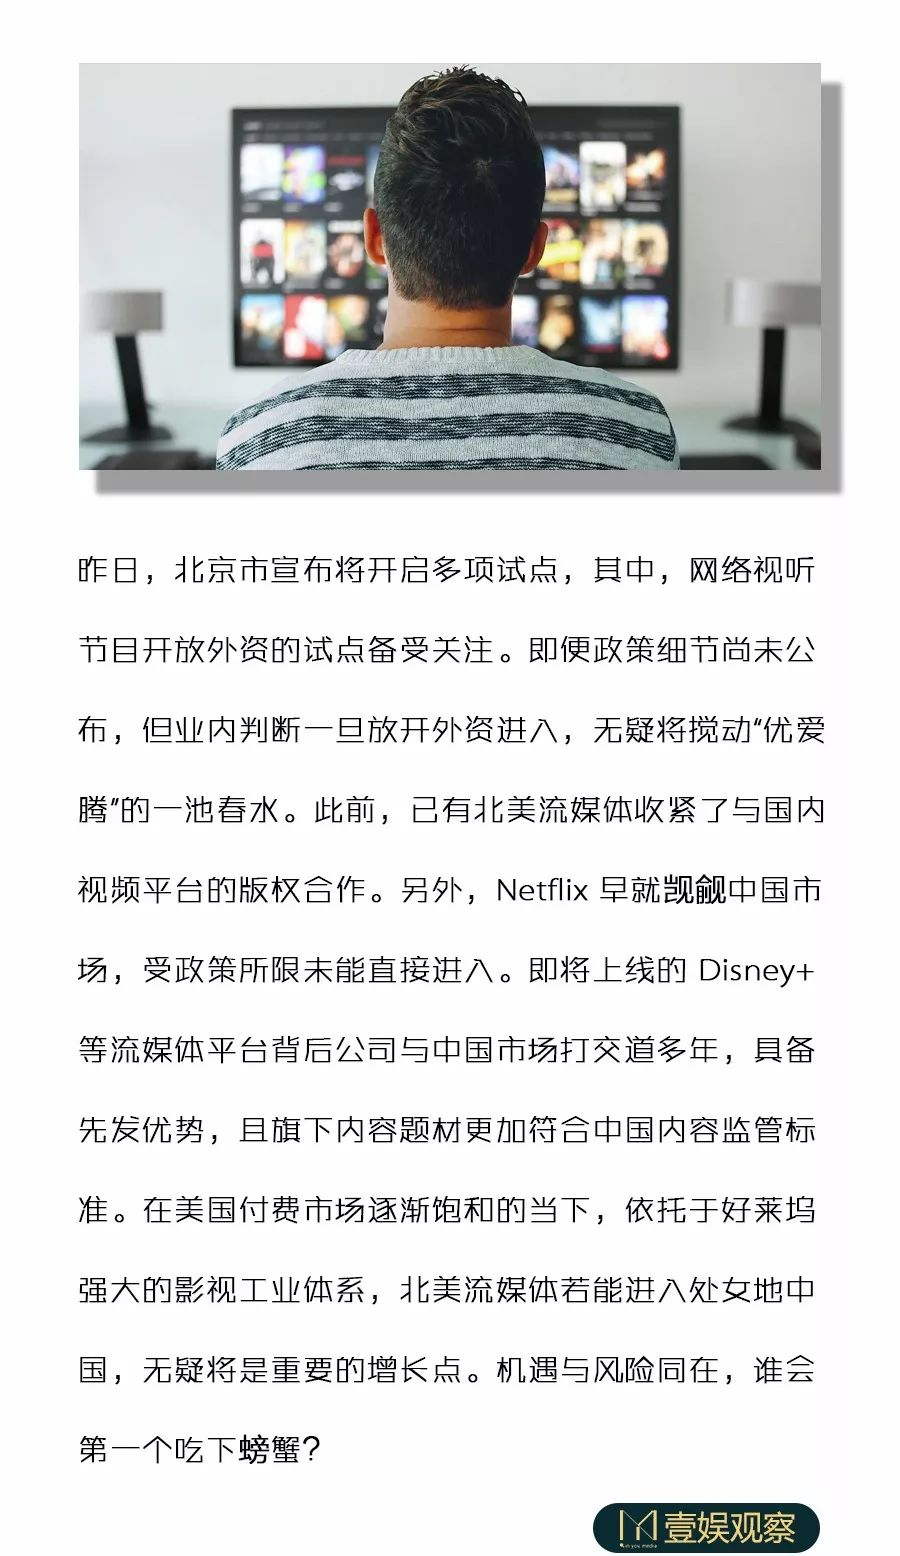 网络视听外资试点将启 奈飞、迪士尼动优爱腾奶酪?